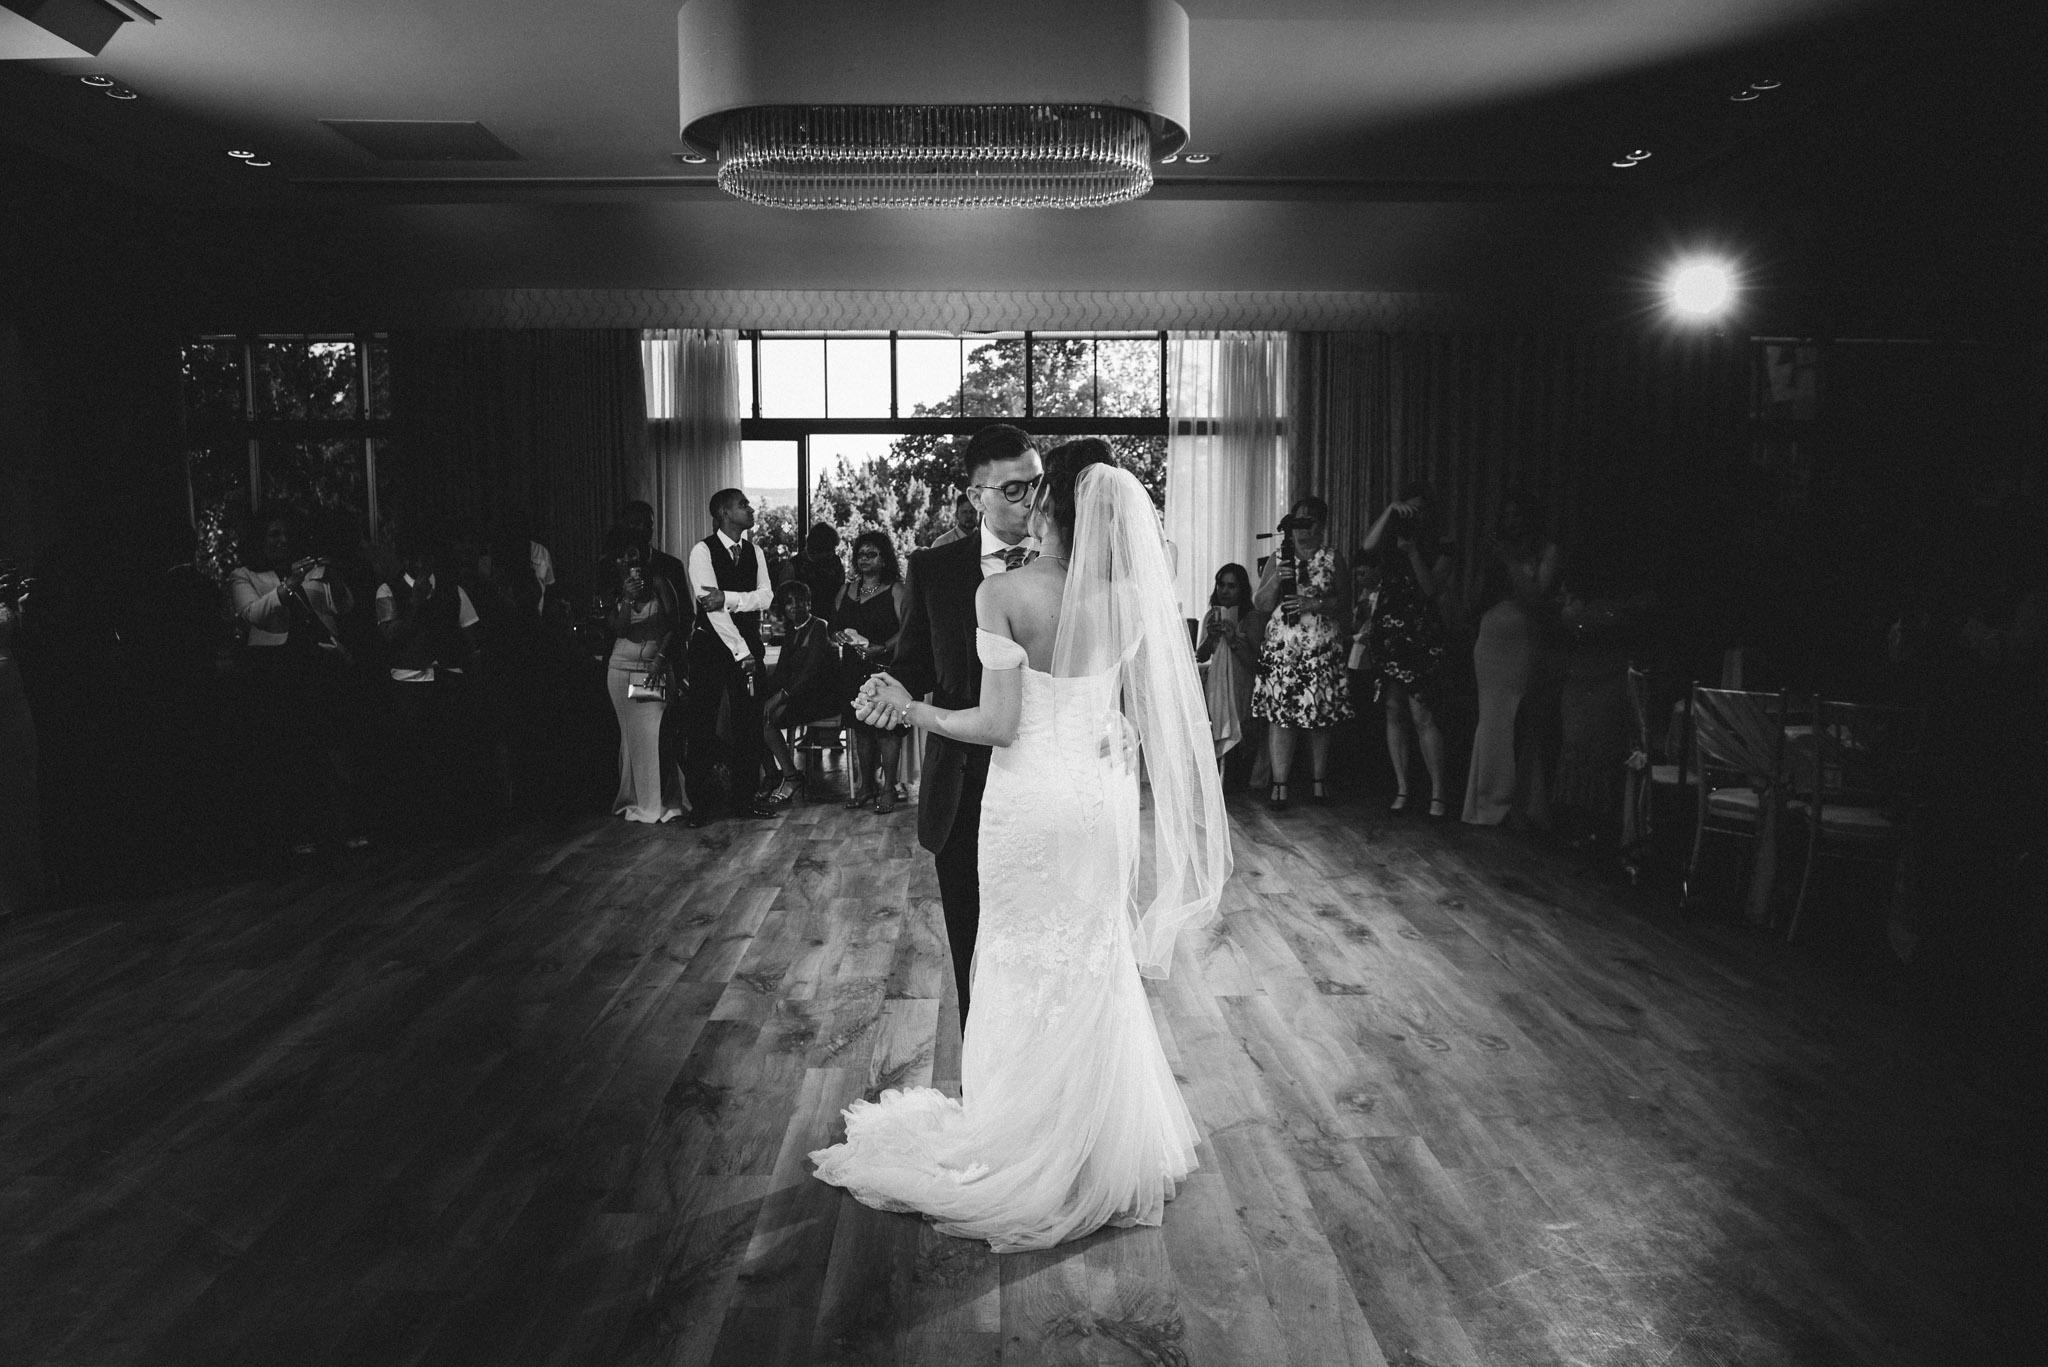 scott-stockwell-wedding-photographer-wood-norton-evesham356.jpg